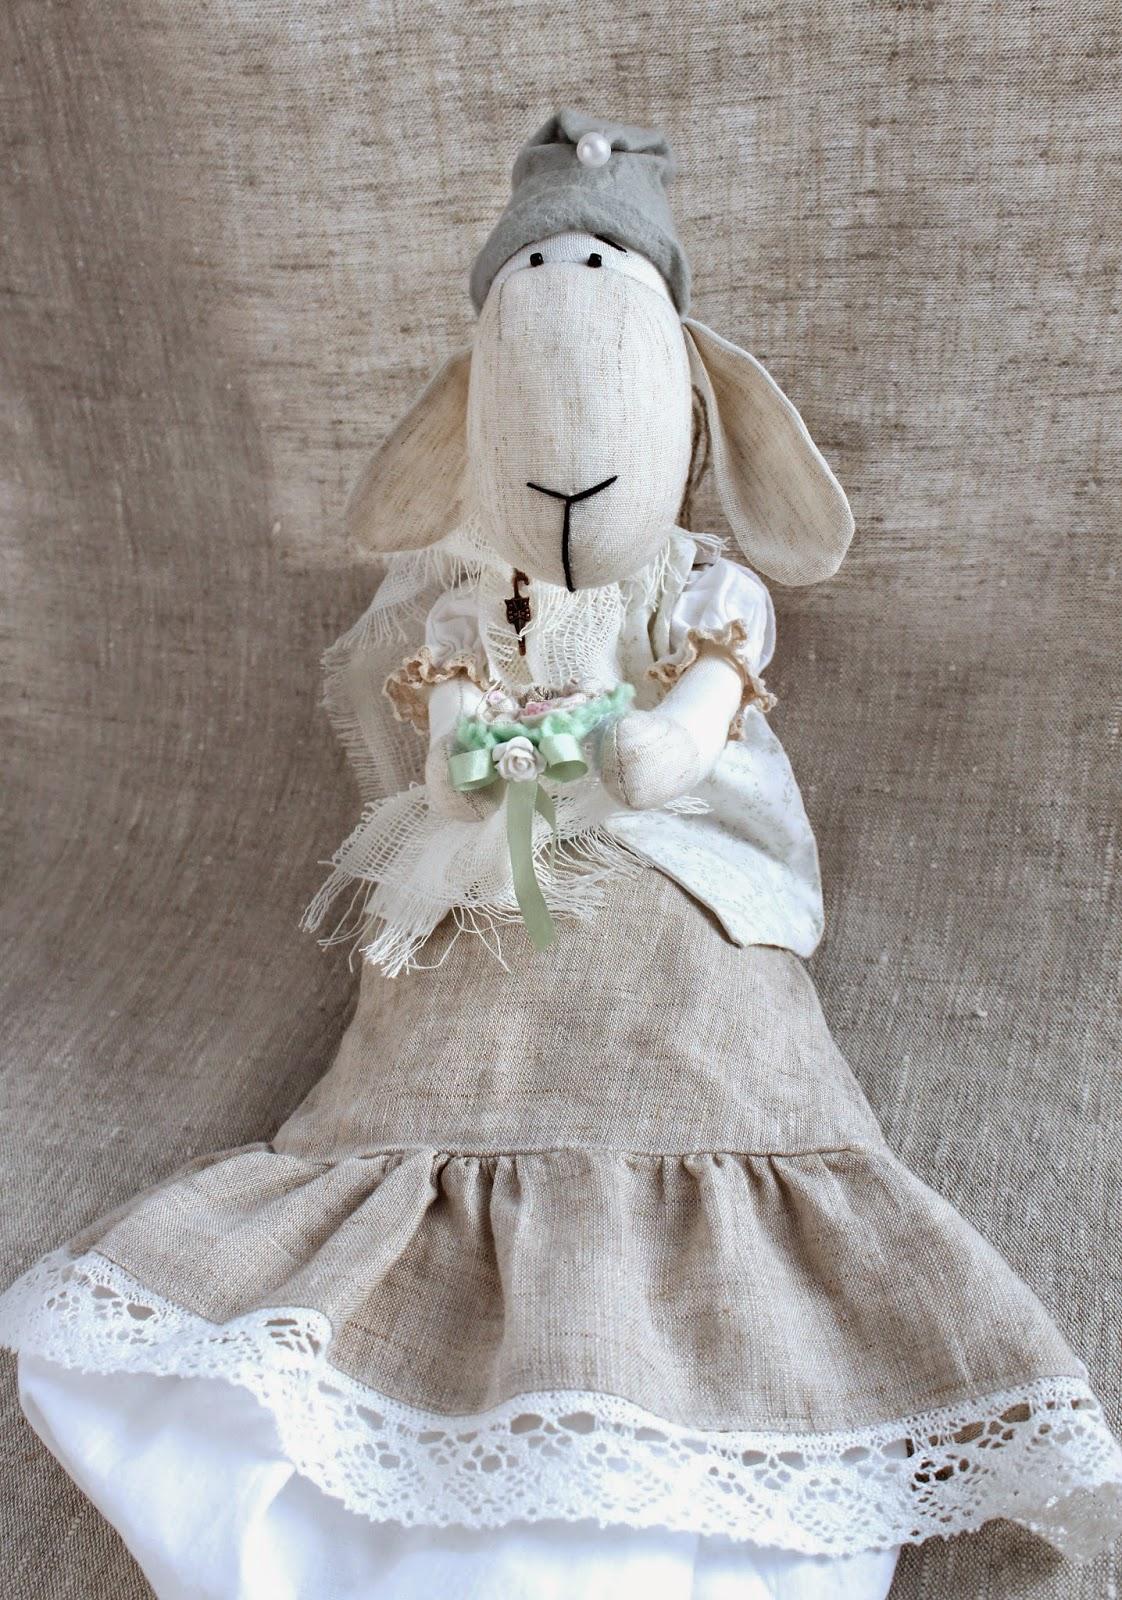 бежевый, овечка, овца, новогодний подарок, в стиле прованс, стиль прованс, прованс кухня, прованский шик, прованские мотивы, пакетница, барашки, овечки, подарок на 8 марта, восьмое марта, подарок девушке